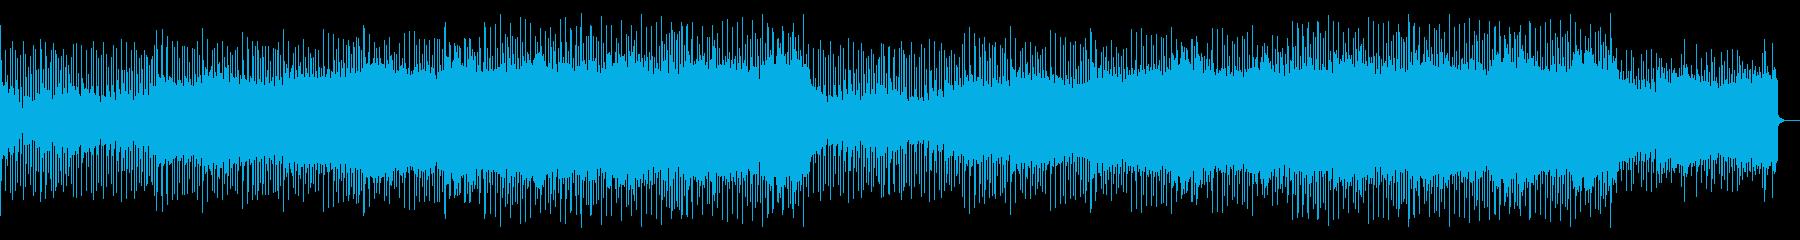 シンバル無し 広がり 豪華 キラキラの再生済みの波形